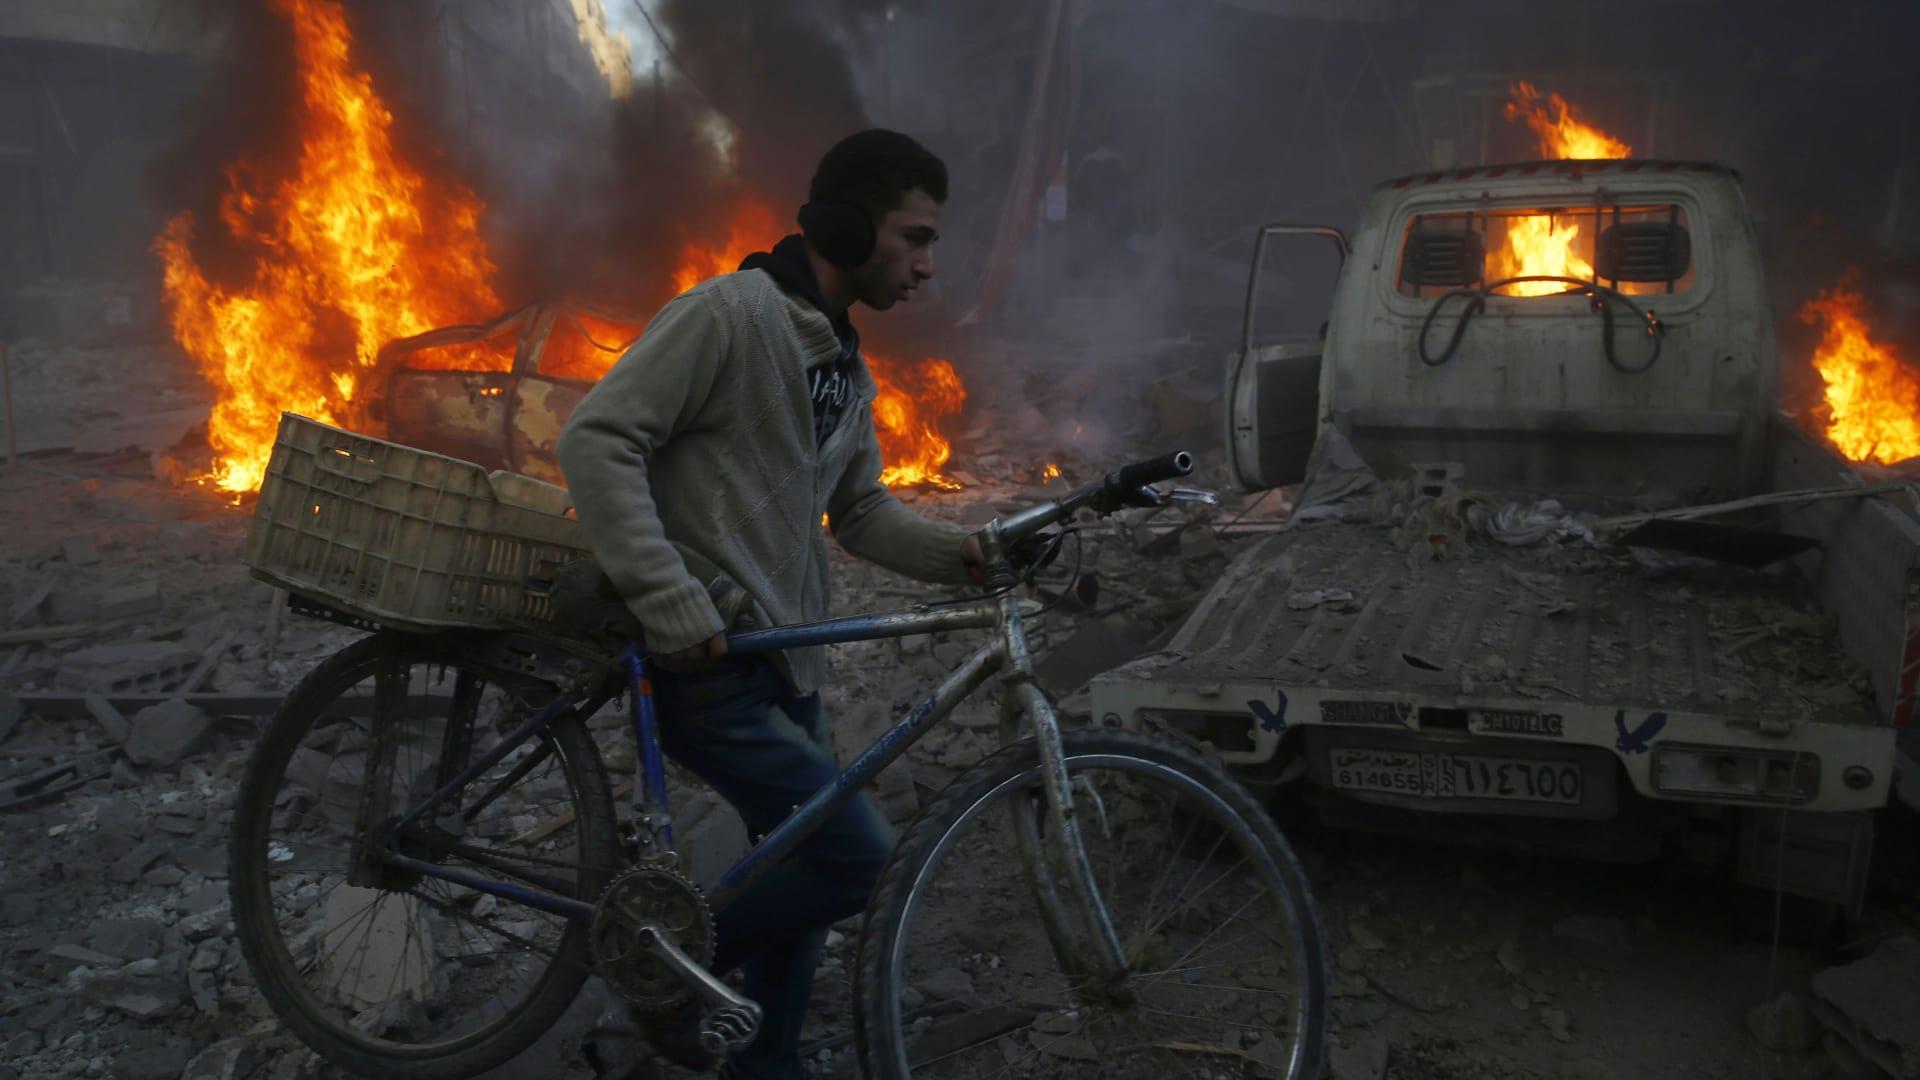 """بالفيديو.. تقرير لـ """"آمنستي"""": روسيا تستخدم قنابل عنقودية وعدد القتلى المدنيين أكثر من العسكريين"""